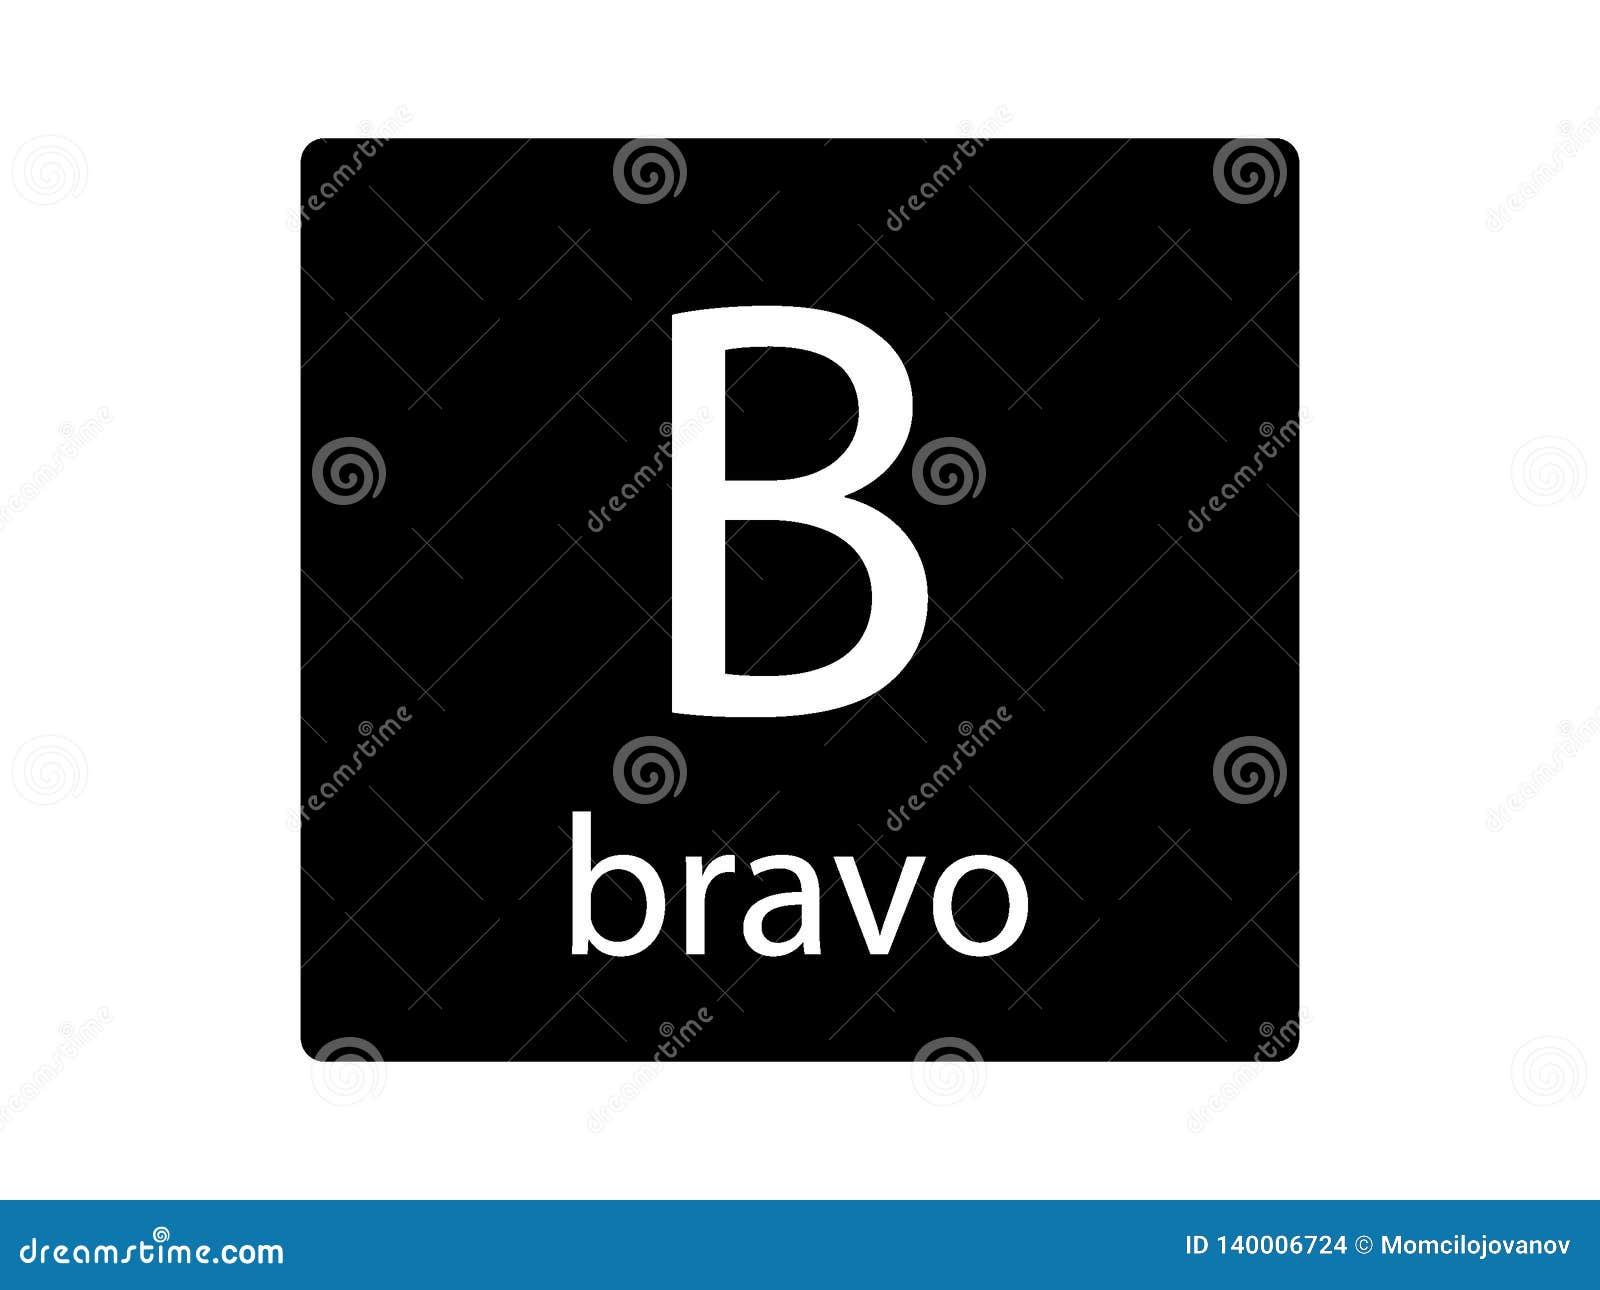 Letter Bravo Stock Illustrations 156 Letter Bravo Stock Illustrations Vectors Clipart Dreamstime